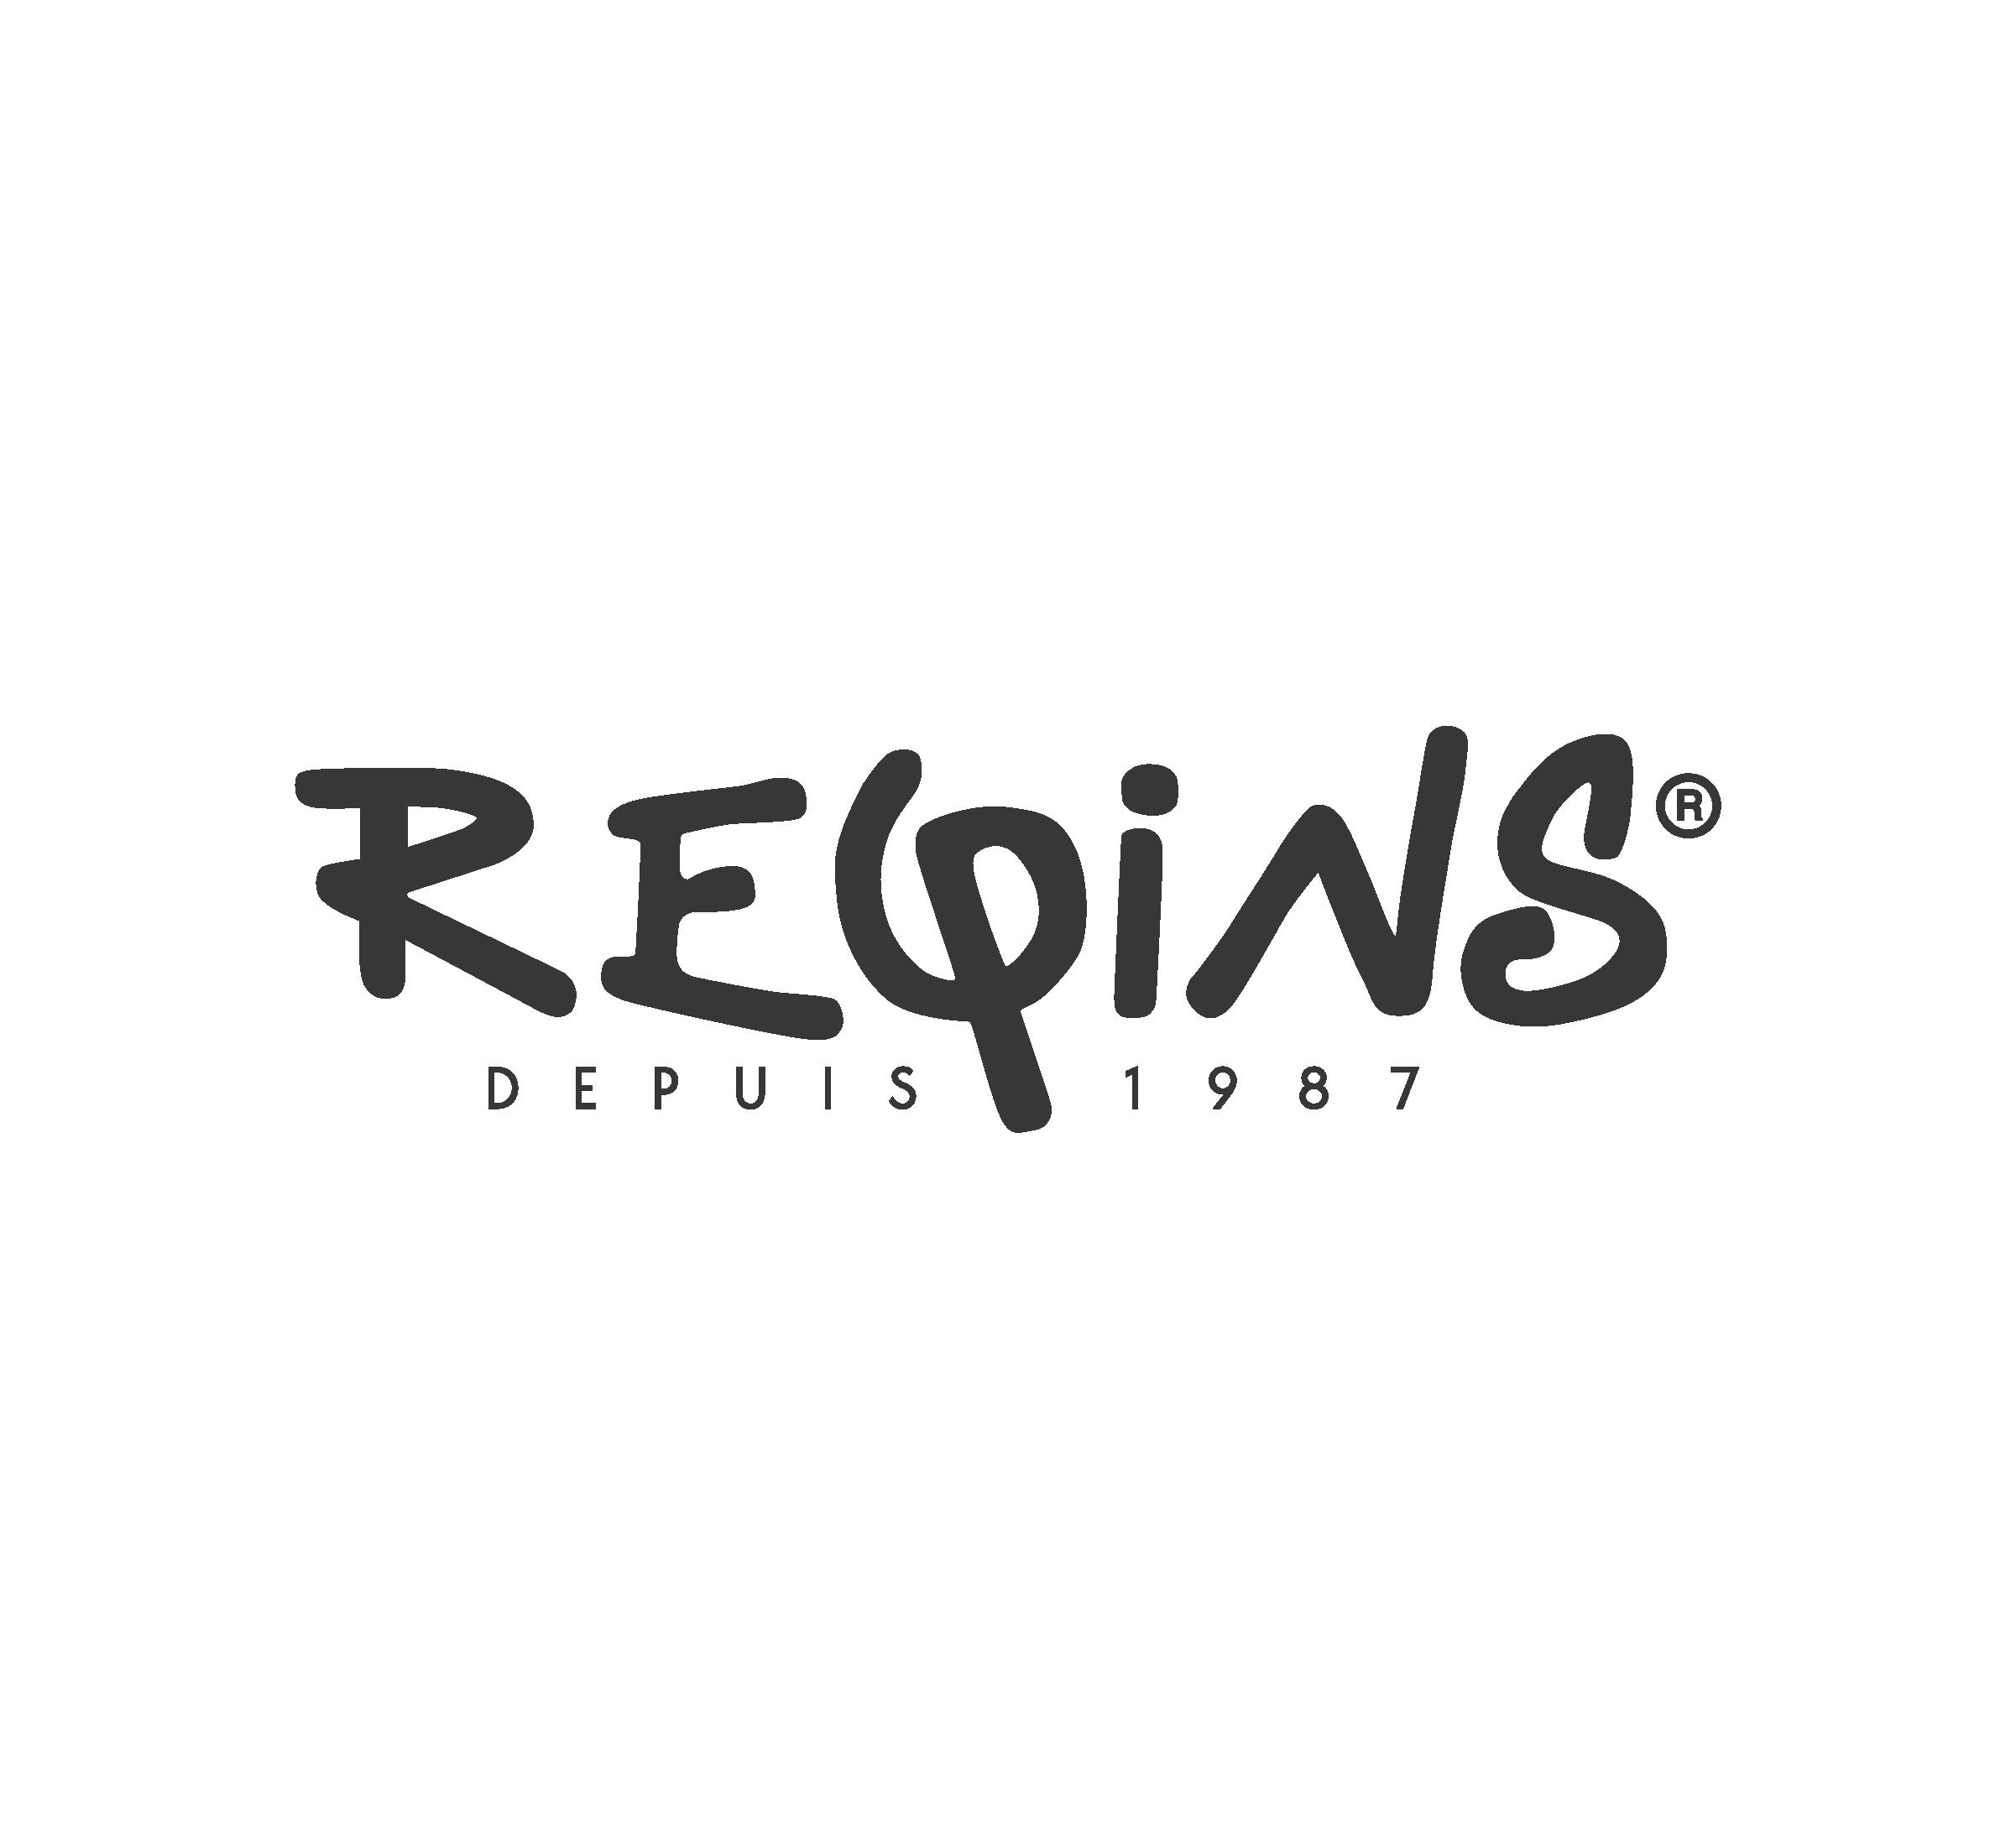 LOGO_REQINS_1987_ok-01-01